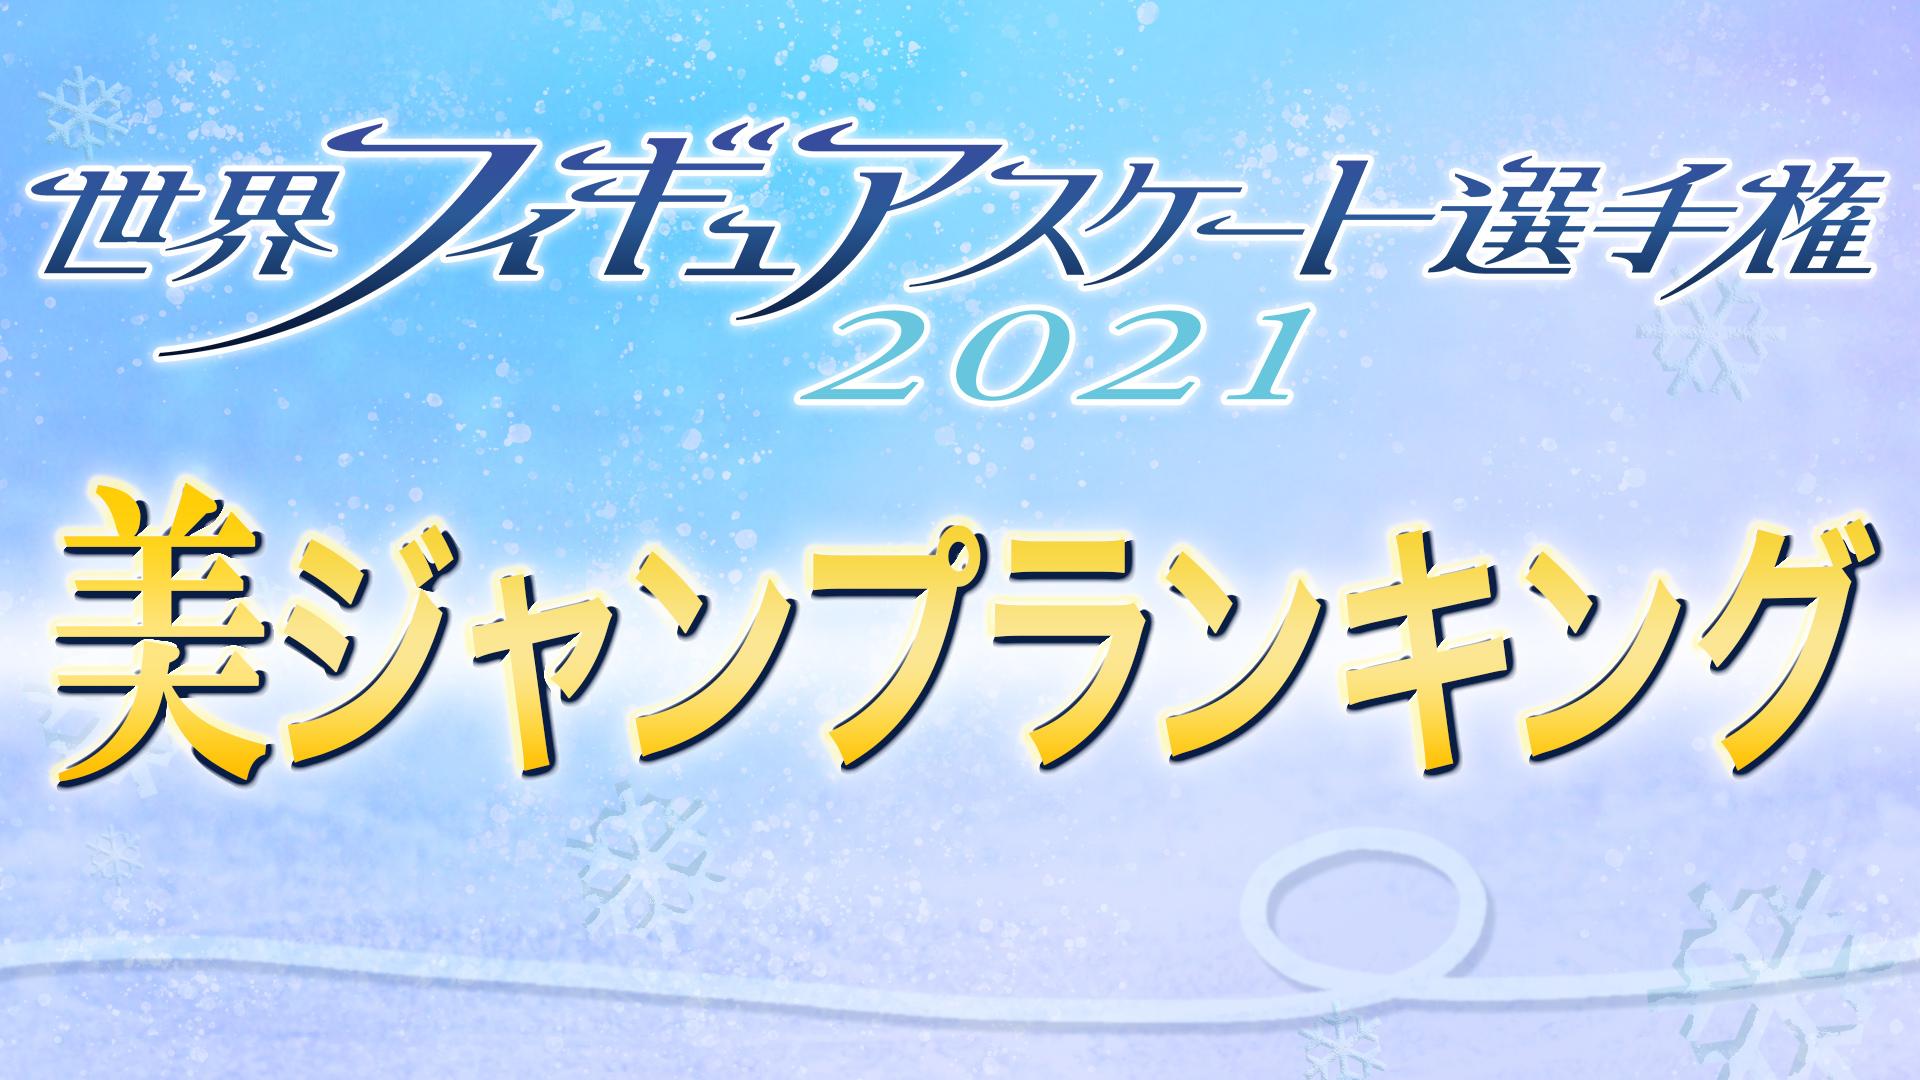 【世界フィギュア選手権2021】3/27 男子FS 『美ジャンプ』ランキング!